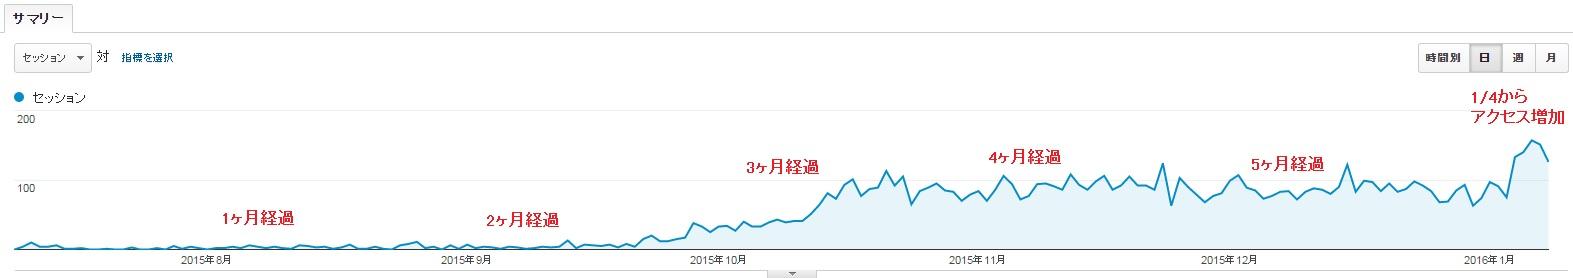 新規ドメイン取得から6ヶ月が経過した当サイトのアクセス数